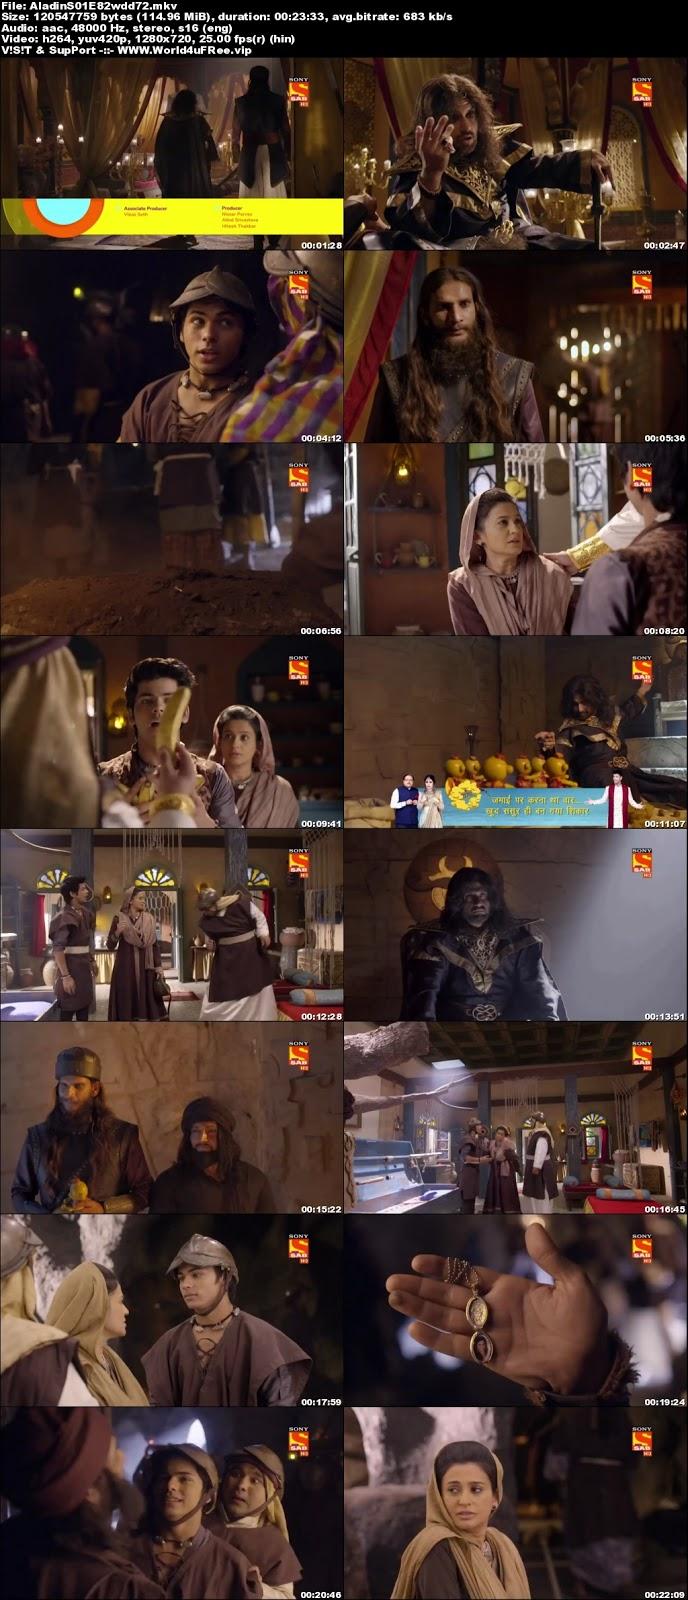 Aladdin 2018 Hindi Season 01 Episode 82 720p HDTV Download world4ufree.vip tv show Aladdin 2018 hindi tv show Aladdin 2018 Season 11 Sony tv show compressed small size free download or watch online at world4ufree.vip